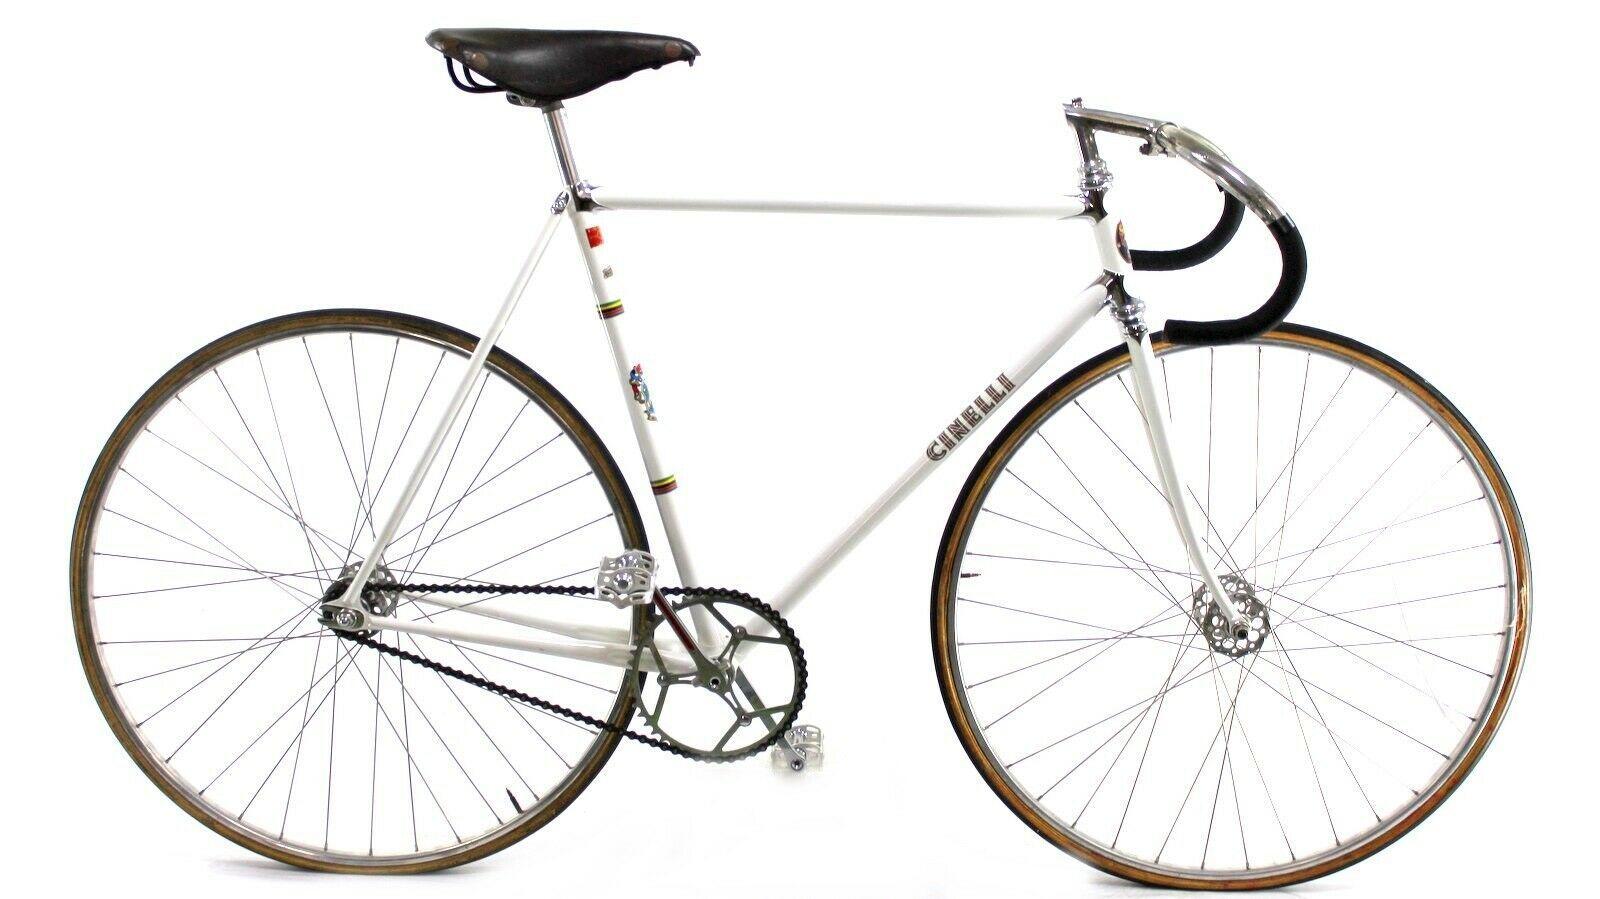 Retro Giant Vintage Road Bike Road Bike Vintage Bicycle Bike Restoration